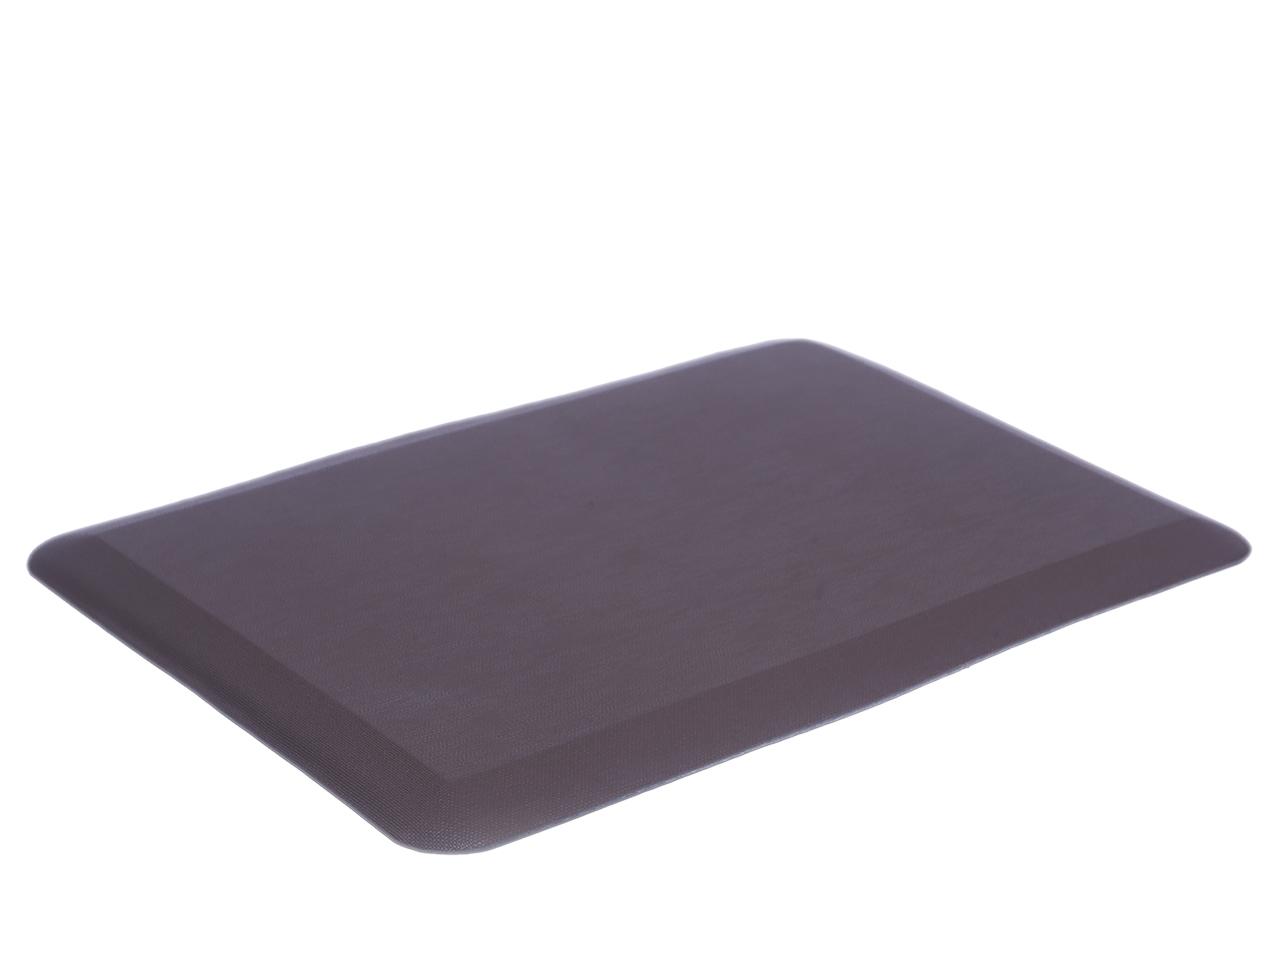 anti fatigue mats kitchen stainless steel faucets floor standing mat supplier